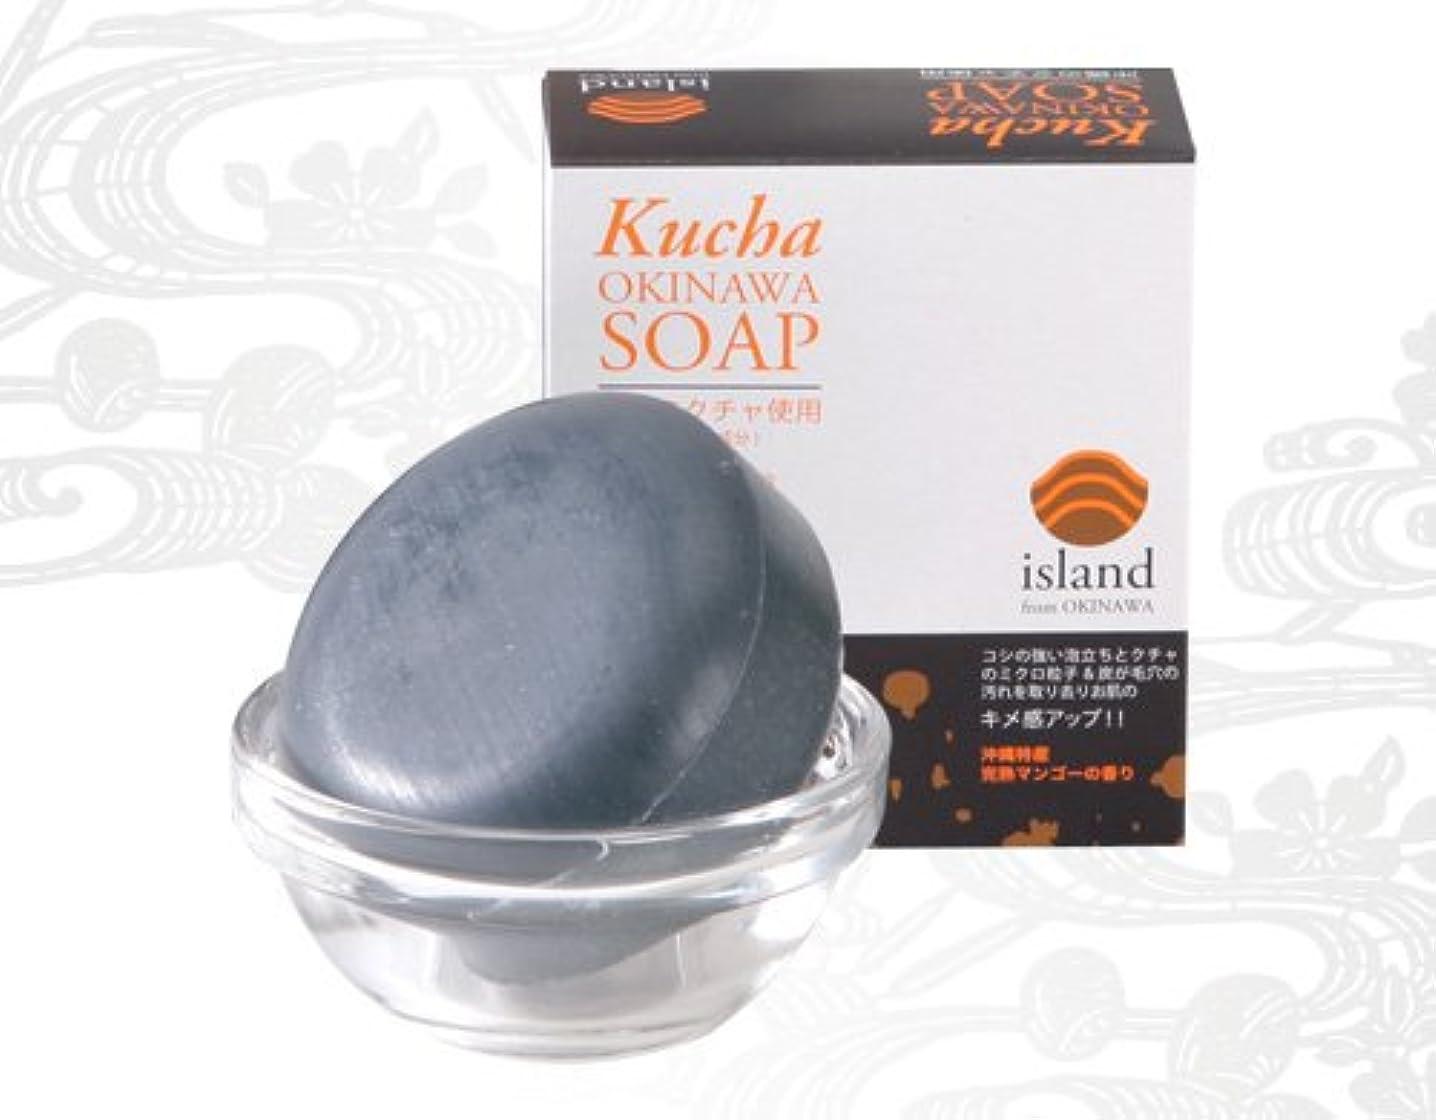 くちゃ OKINAWA SOAP 90g×3個 アイランド 沖縄特産「くちゃ」配合の無添加石けん ミクロの泥で毛穴スッキリ、つるつる素肌!